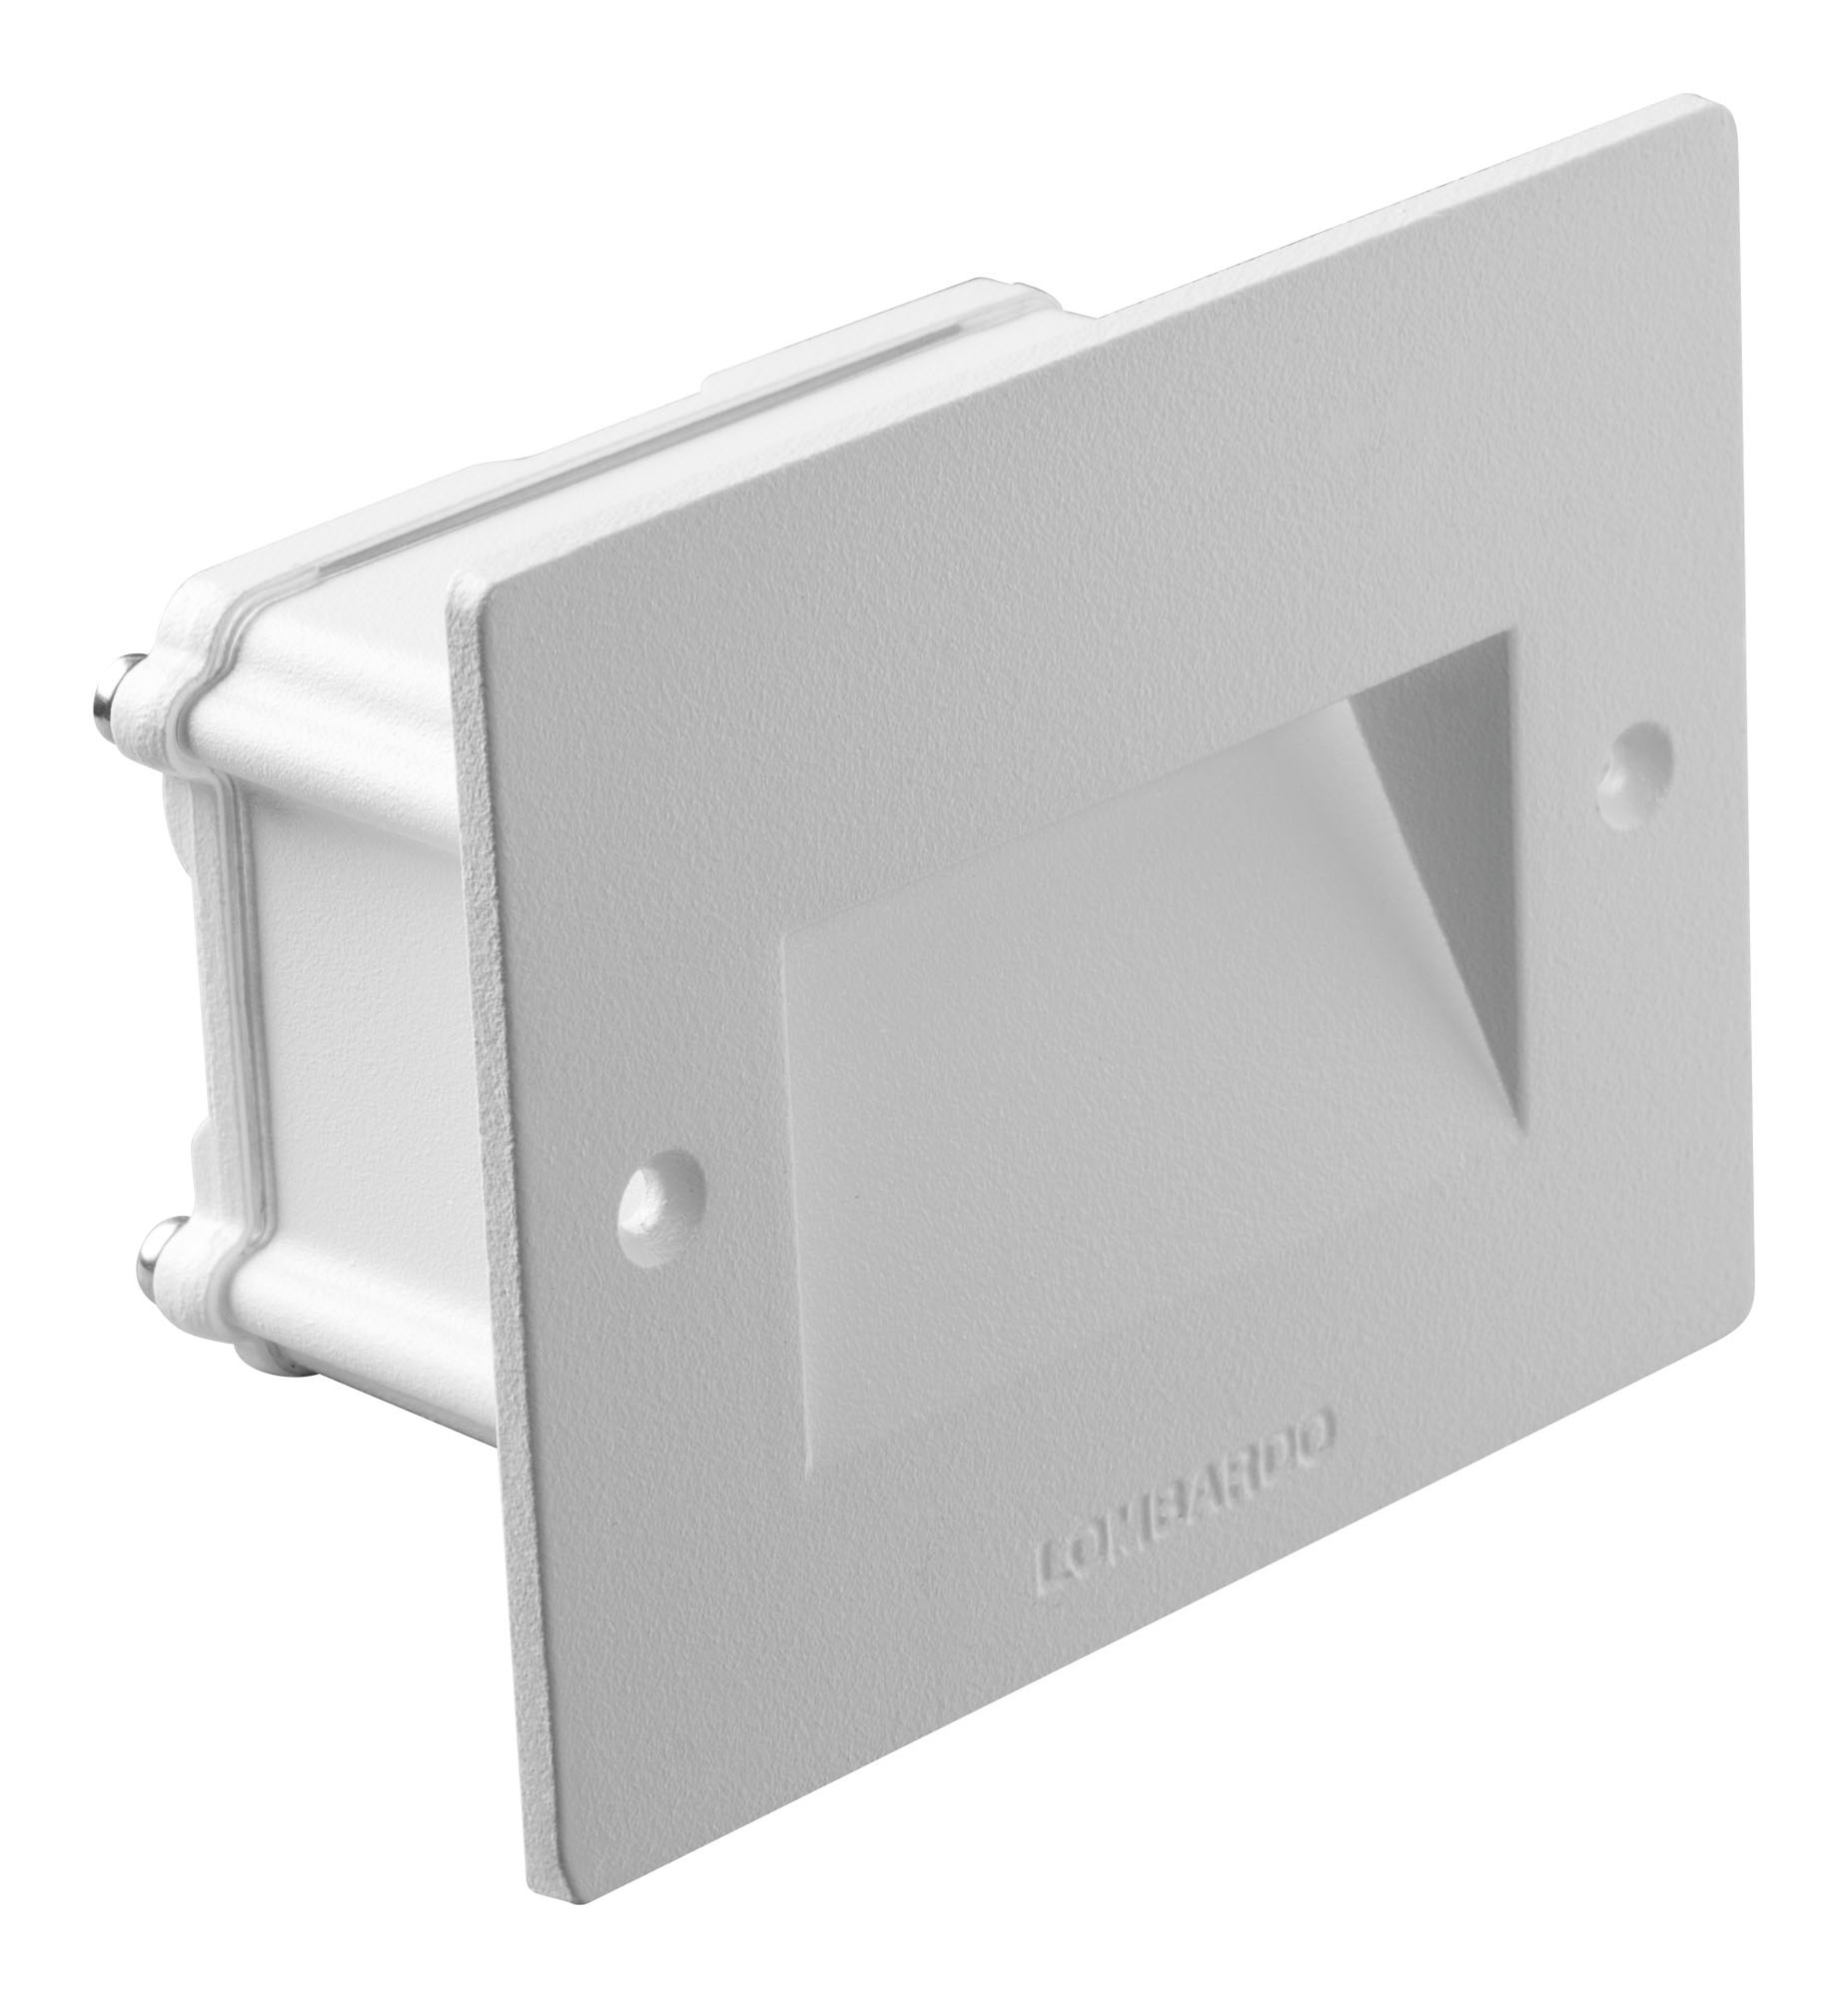 Välisvalgusti FIX 503, LED 3,5W 225lm 3000K, alumiinium, corten; IP66, IK10 (pildil halli värvi valgusti)